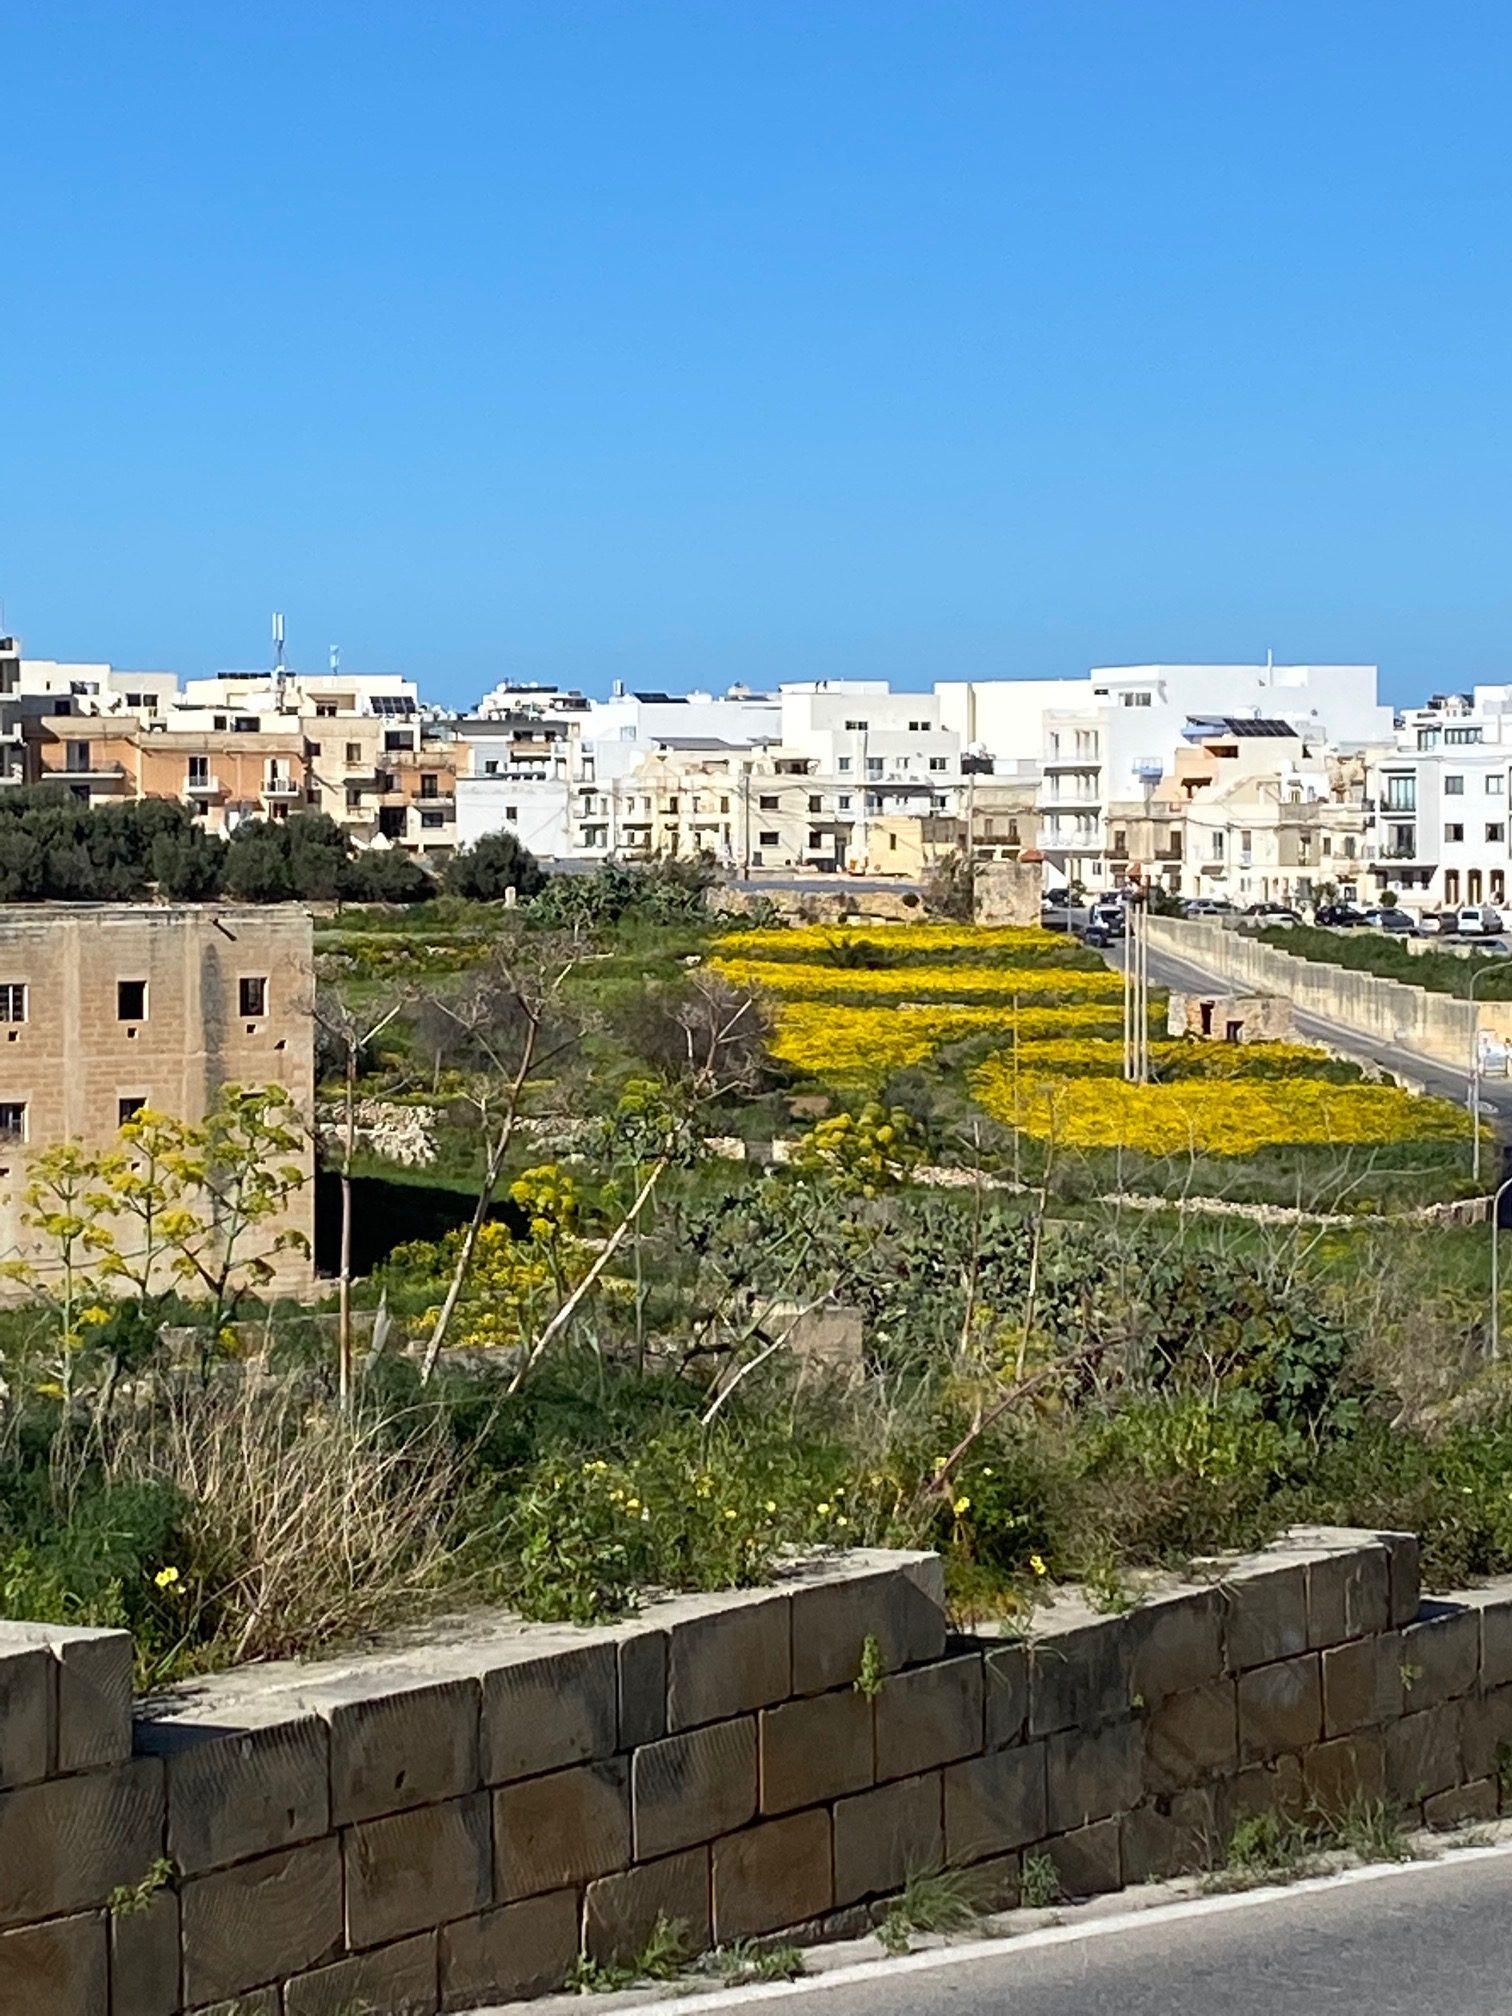 マルタ留学 マルタの気候(今年限定!?) | 代々木グローバル高等学院[公式]